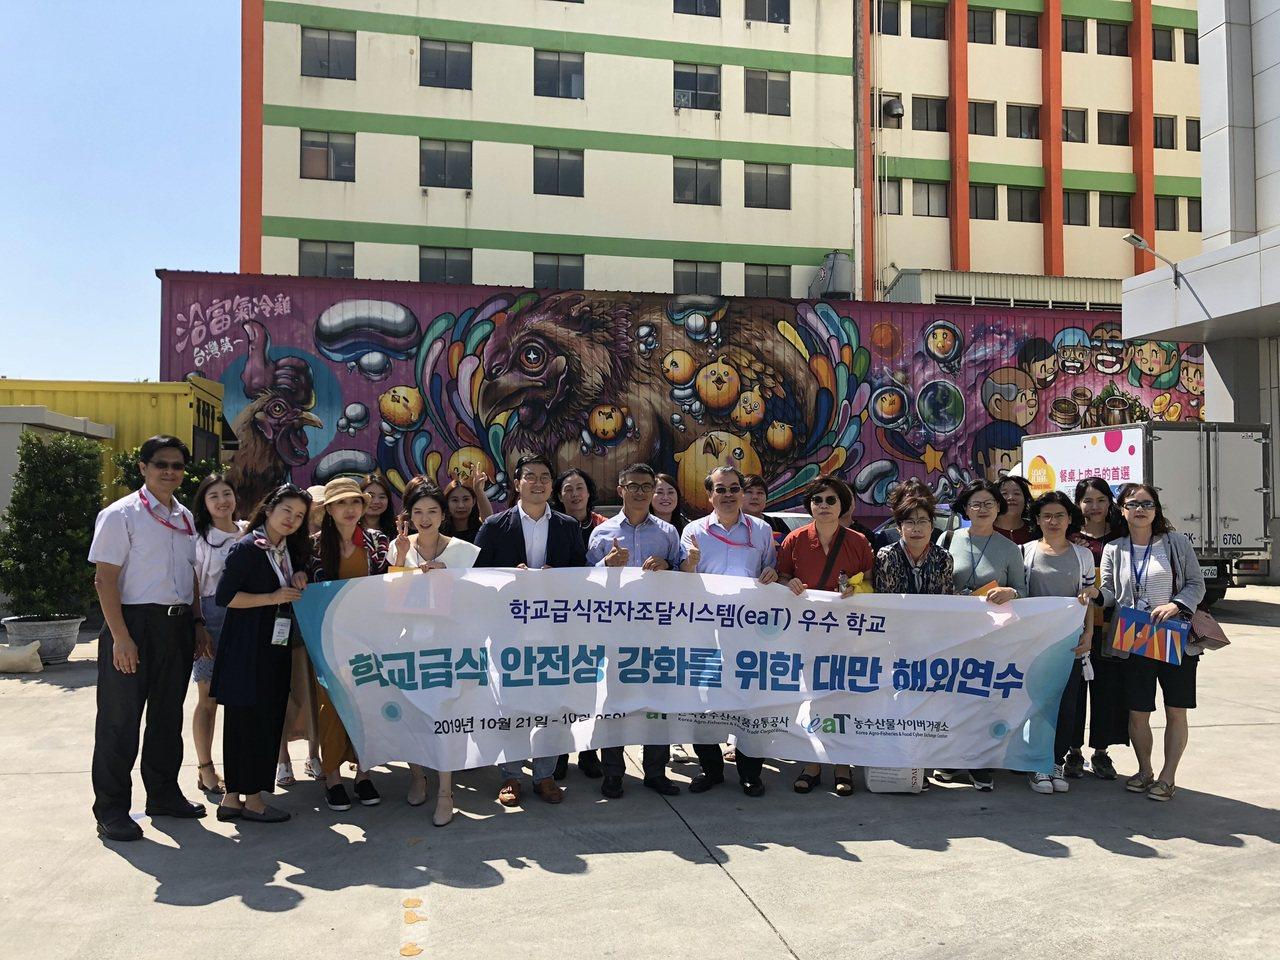 食家安飲食文化股份有限公司近日協助安排韓國農業部、教育部和20位韓國公立學校營養...